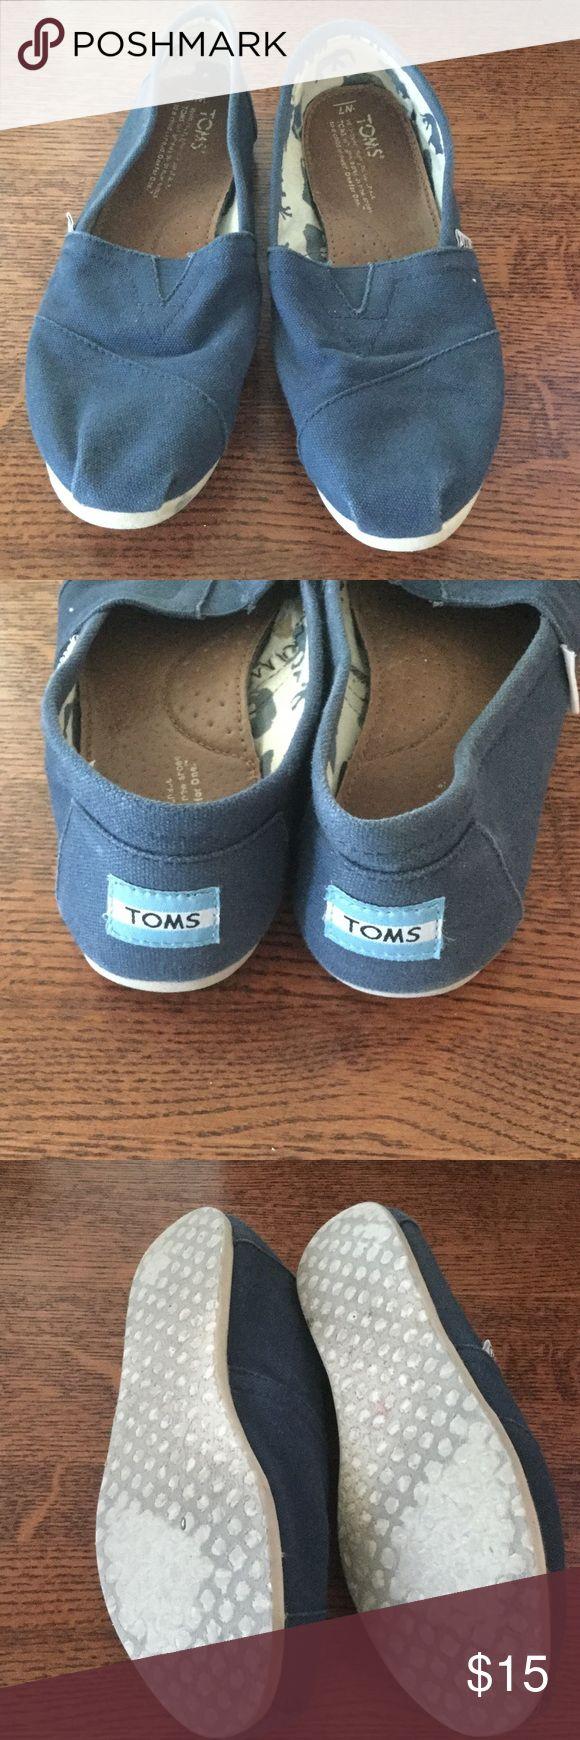 Blue TOMS Worn blue TOMS. No holes. TOMS Shoes